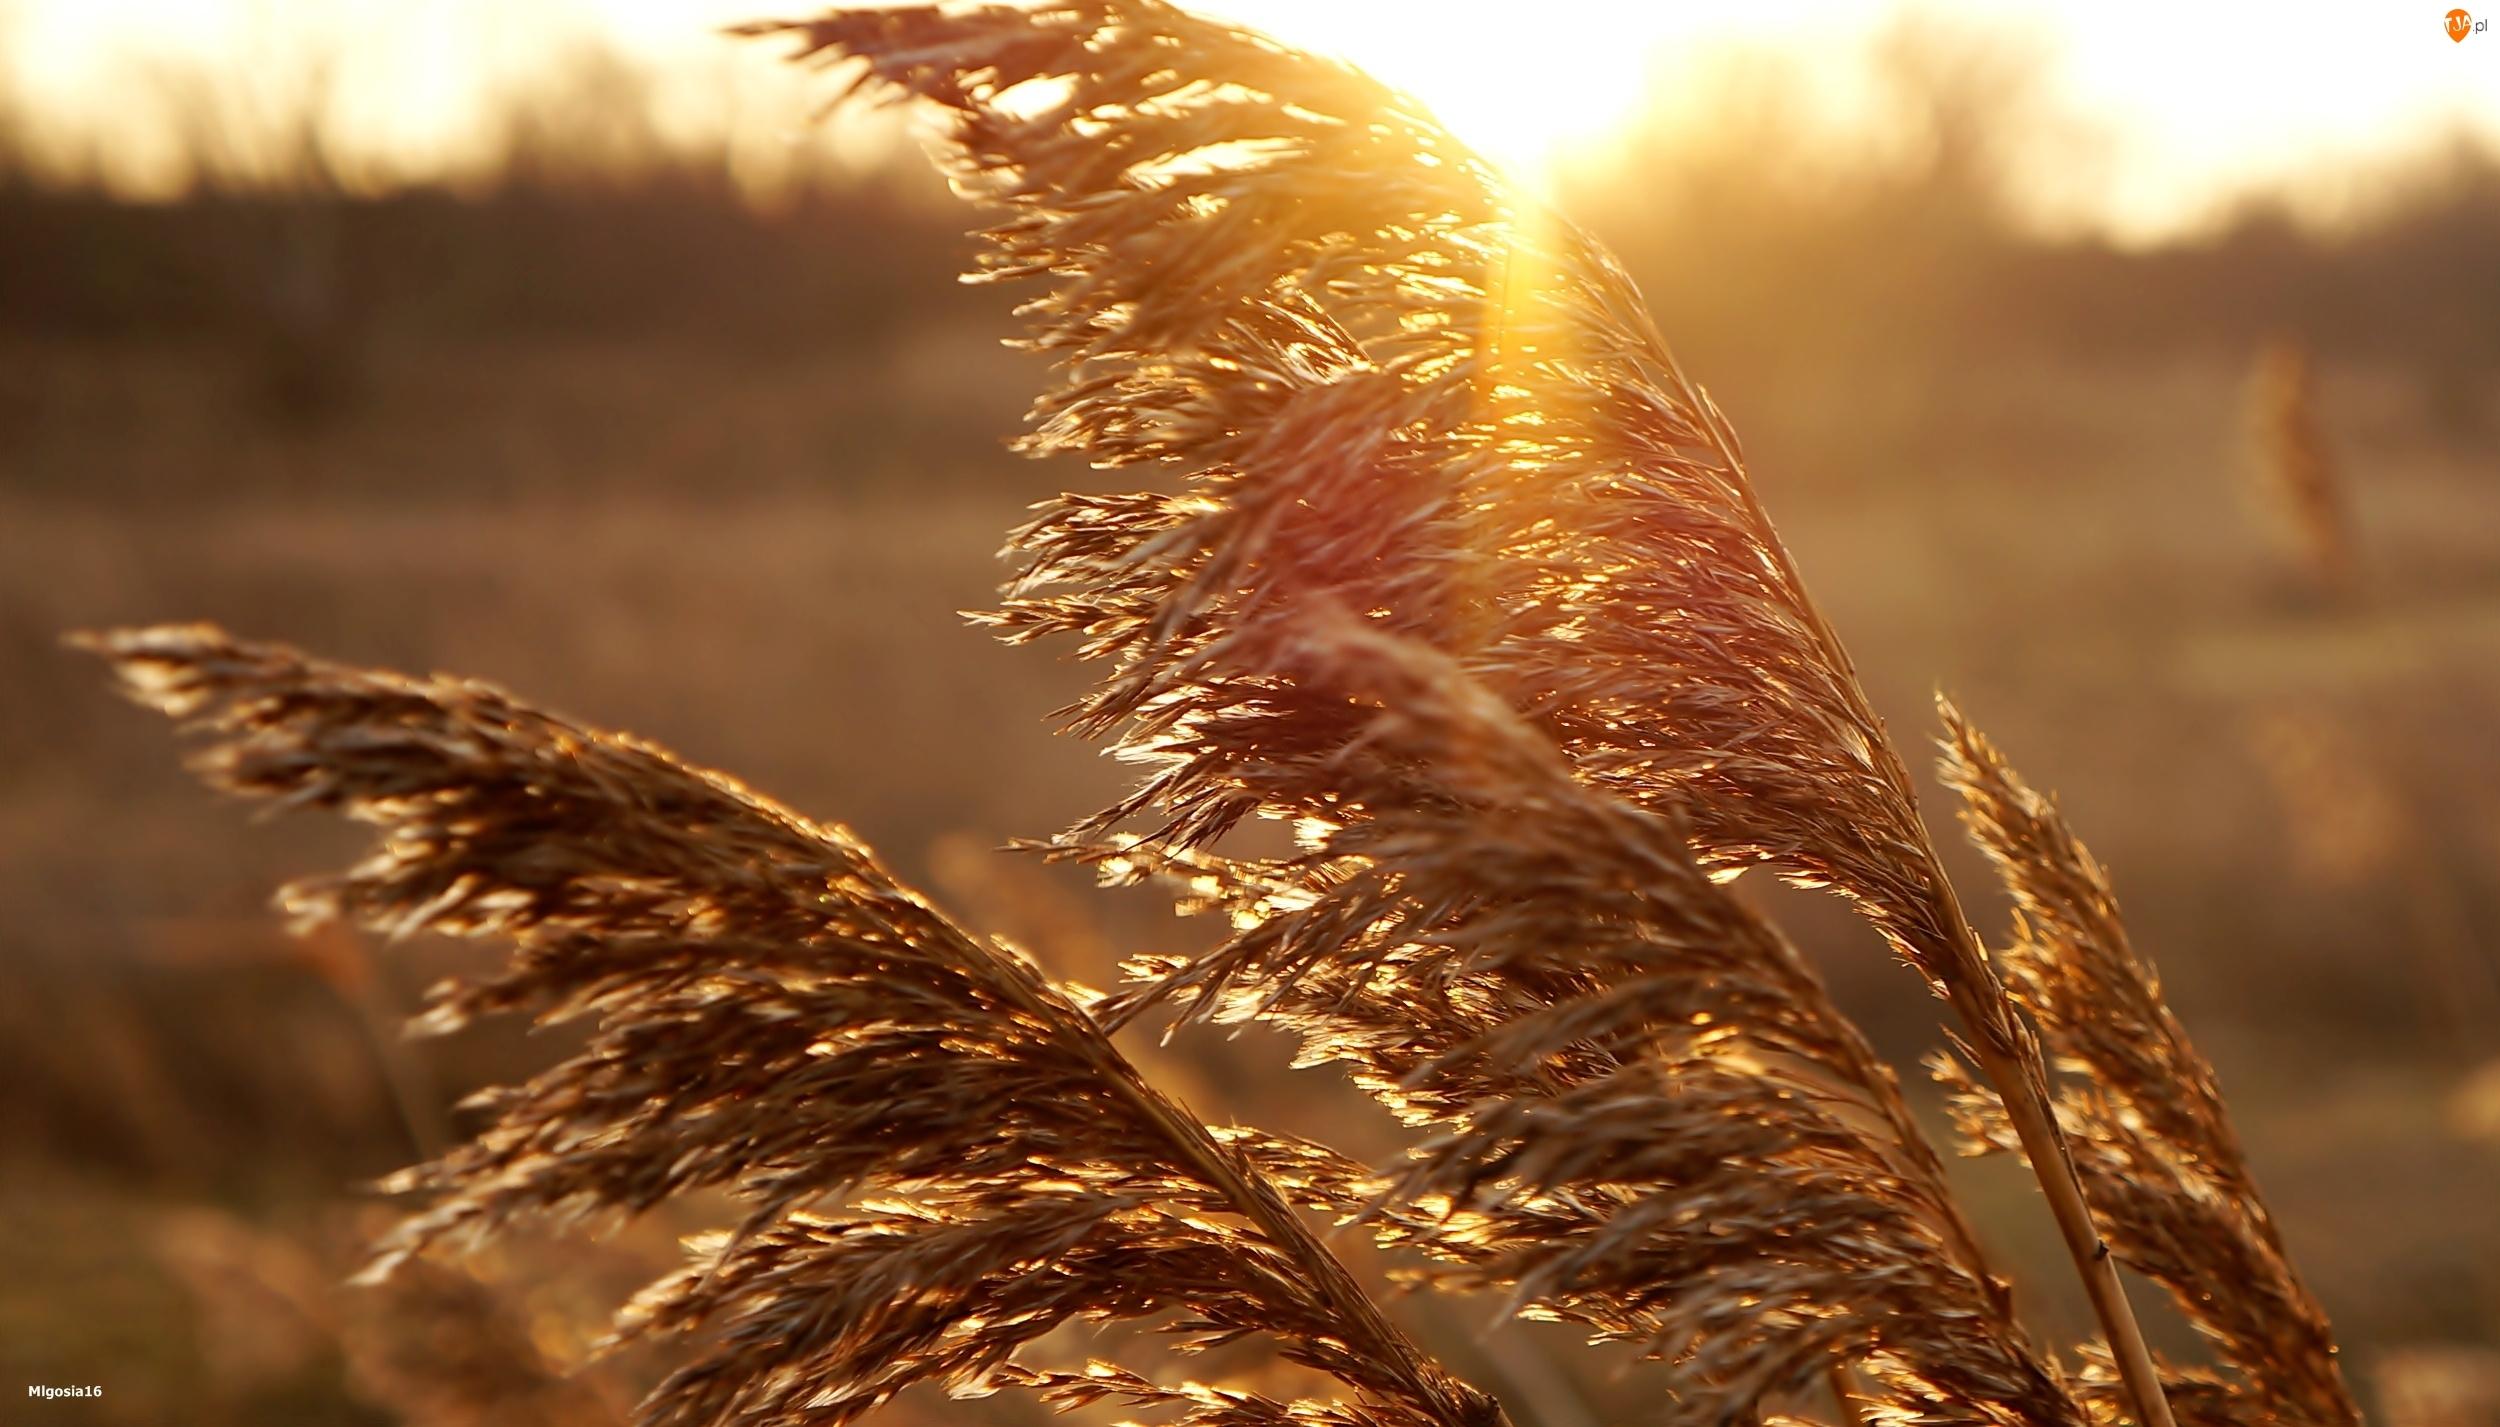 Przebijające Światło, Wschód Słońca, Trzcina